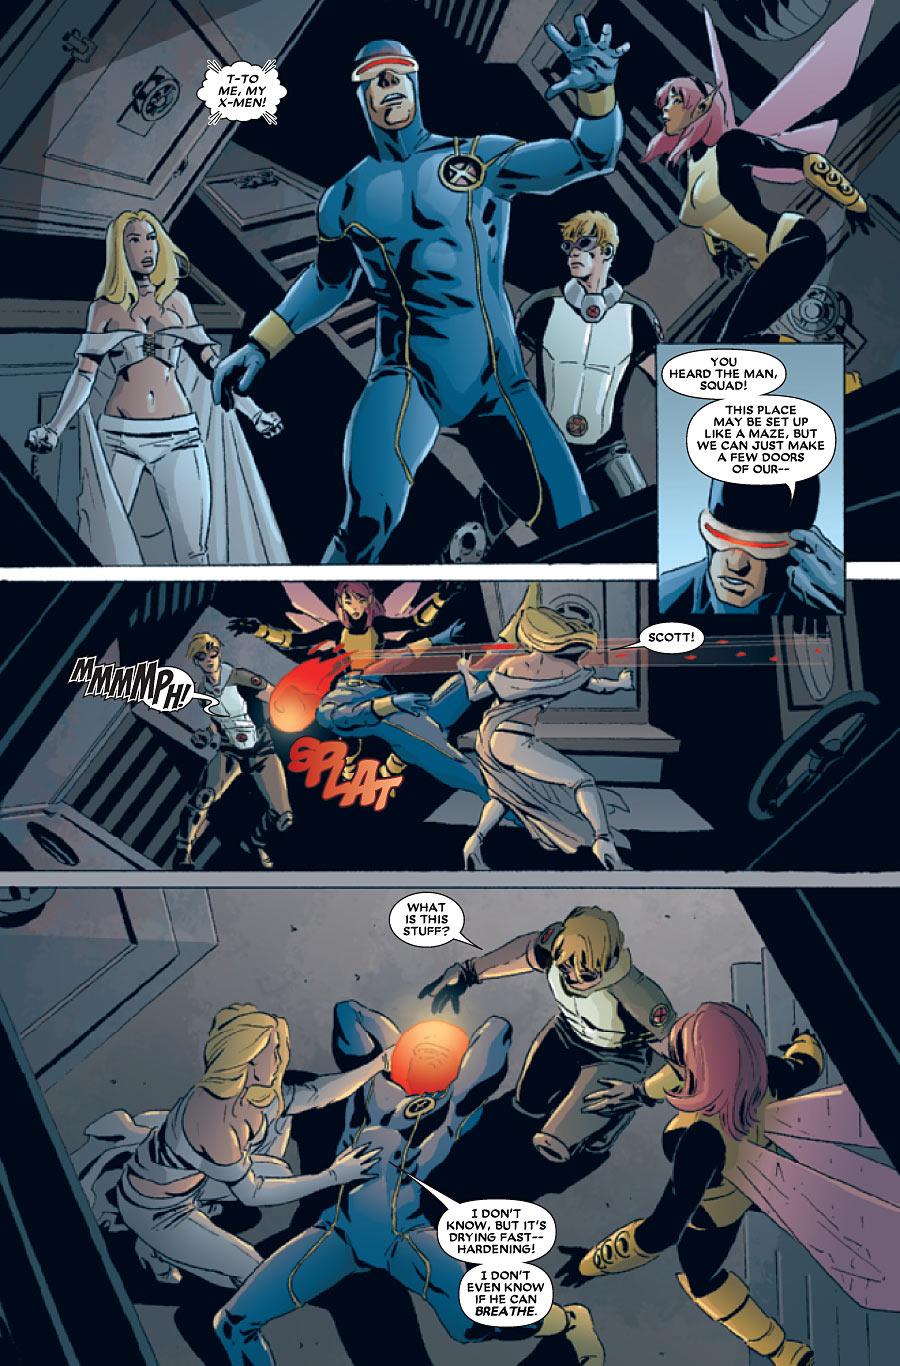 Deadpool Kills The Marvel Universe Iron Man Deadpool looking  once